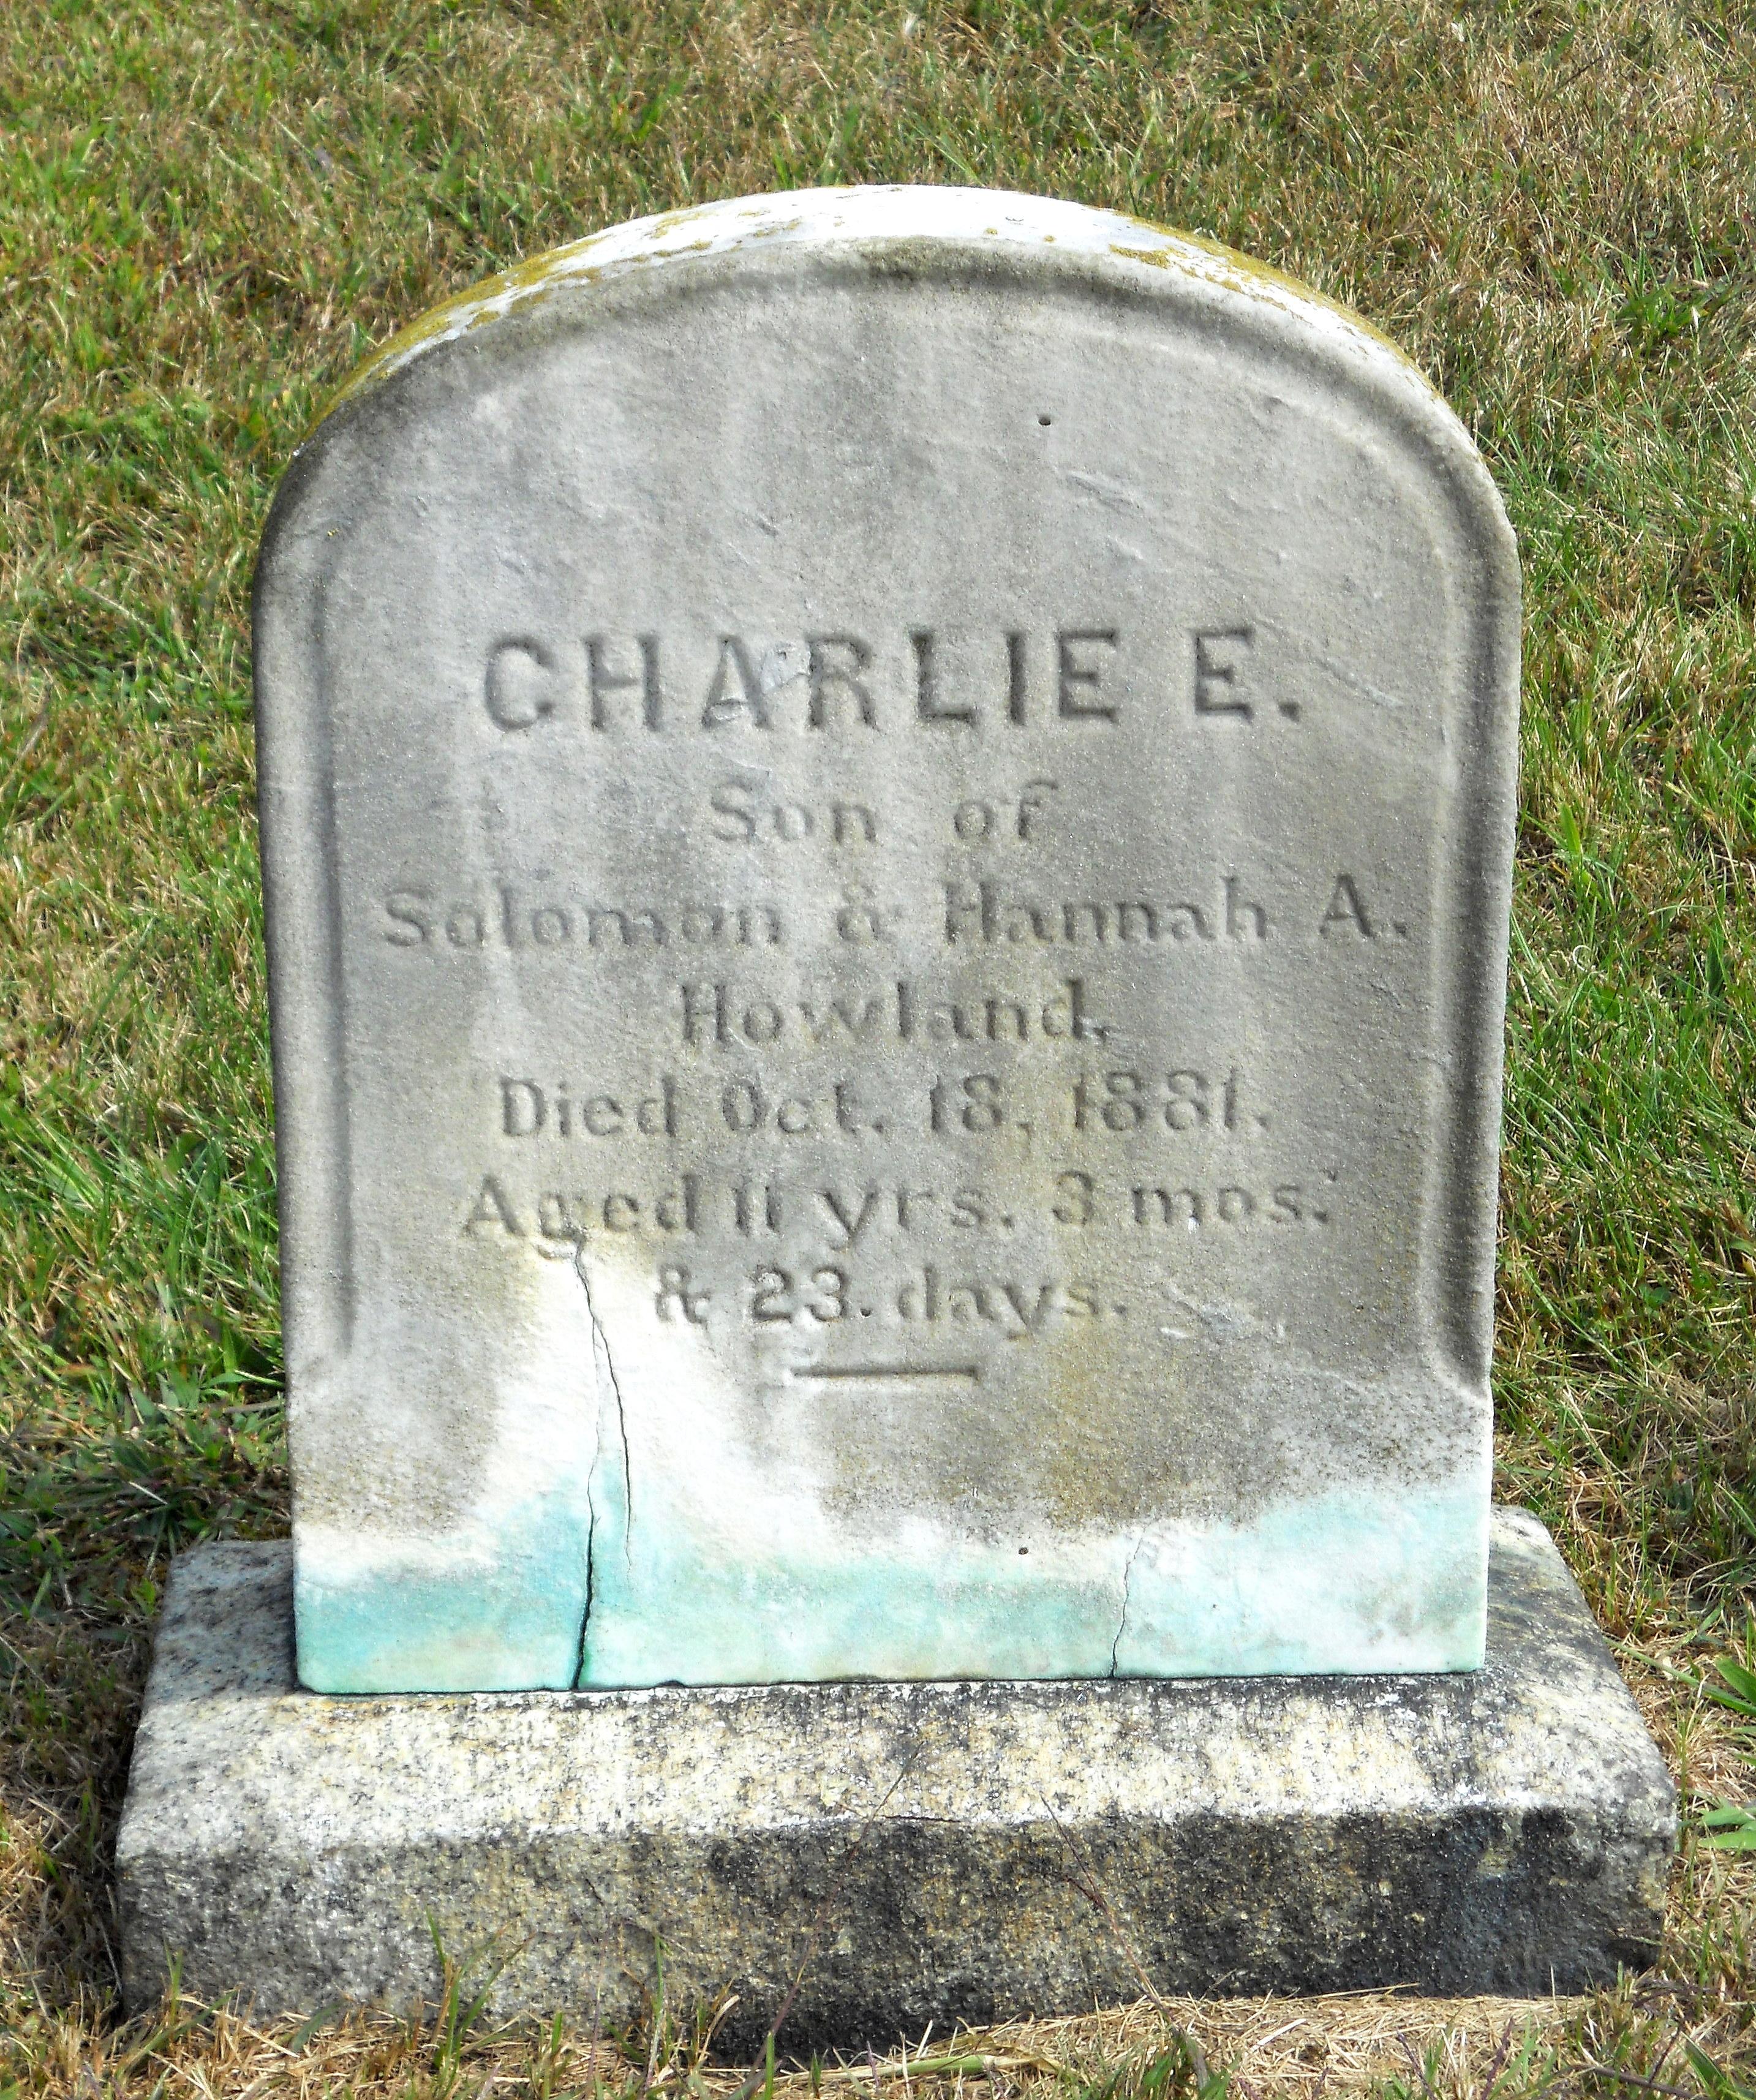 Charlie E. Howland